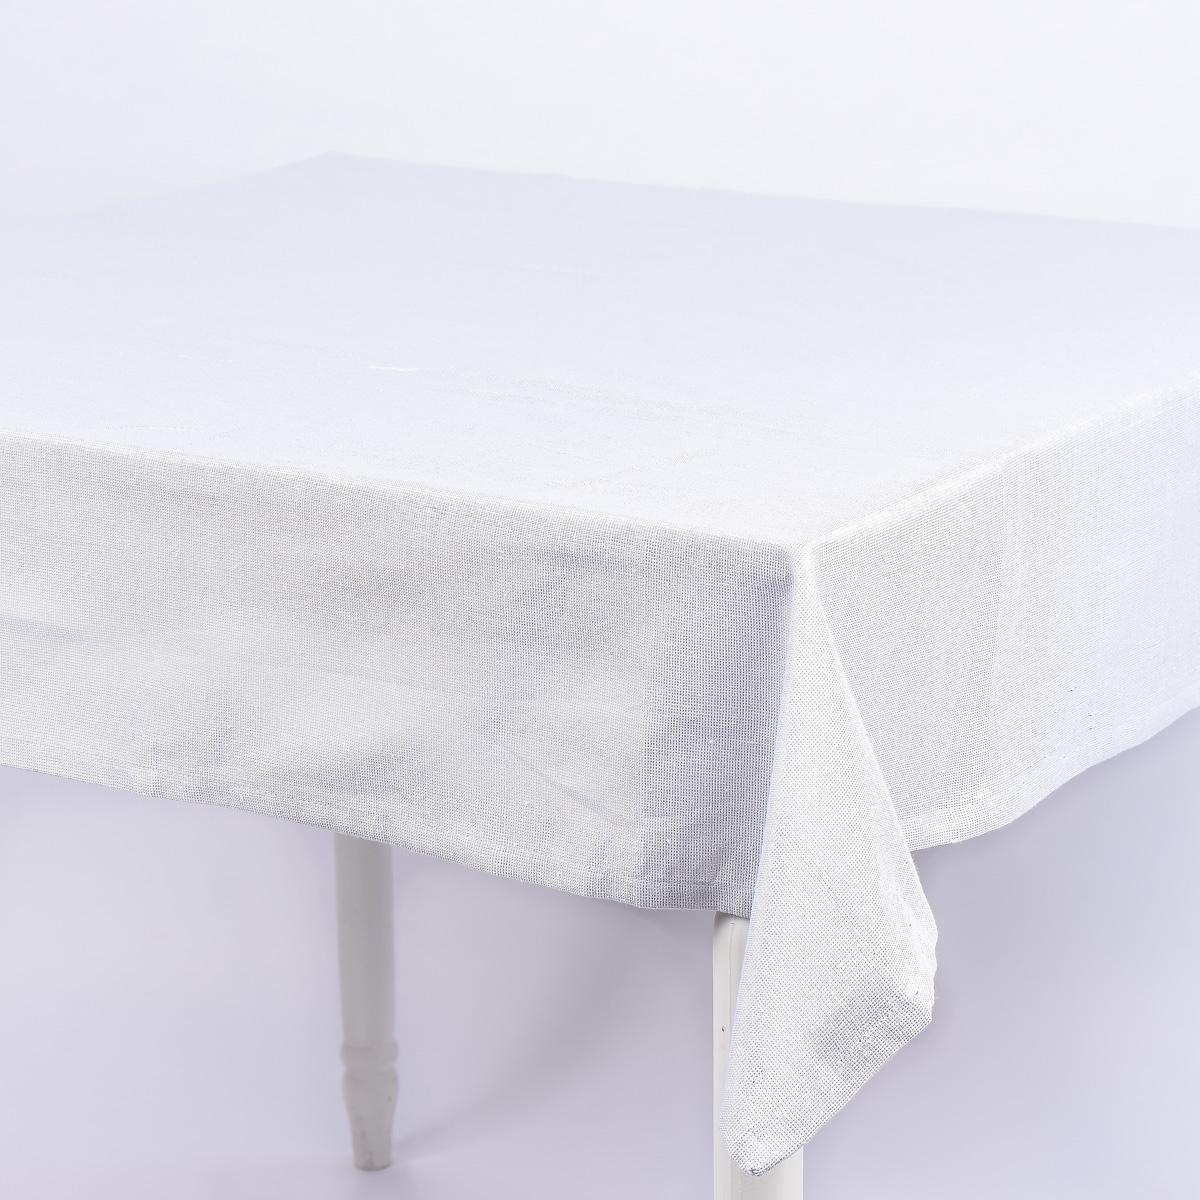 tischdecke glamour wei silberfarbig lurex 150x250cm. Black Bedroom Furniture Sets. Home Design Ideas